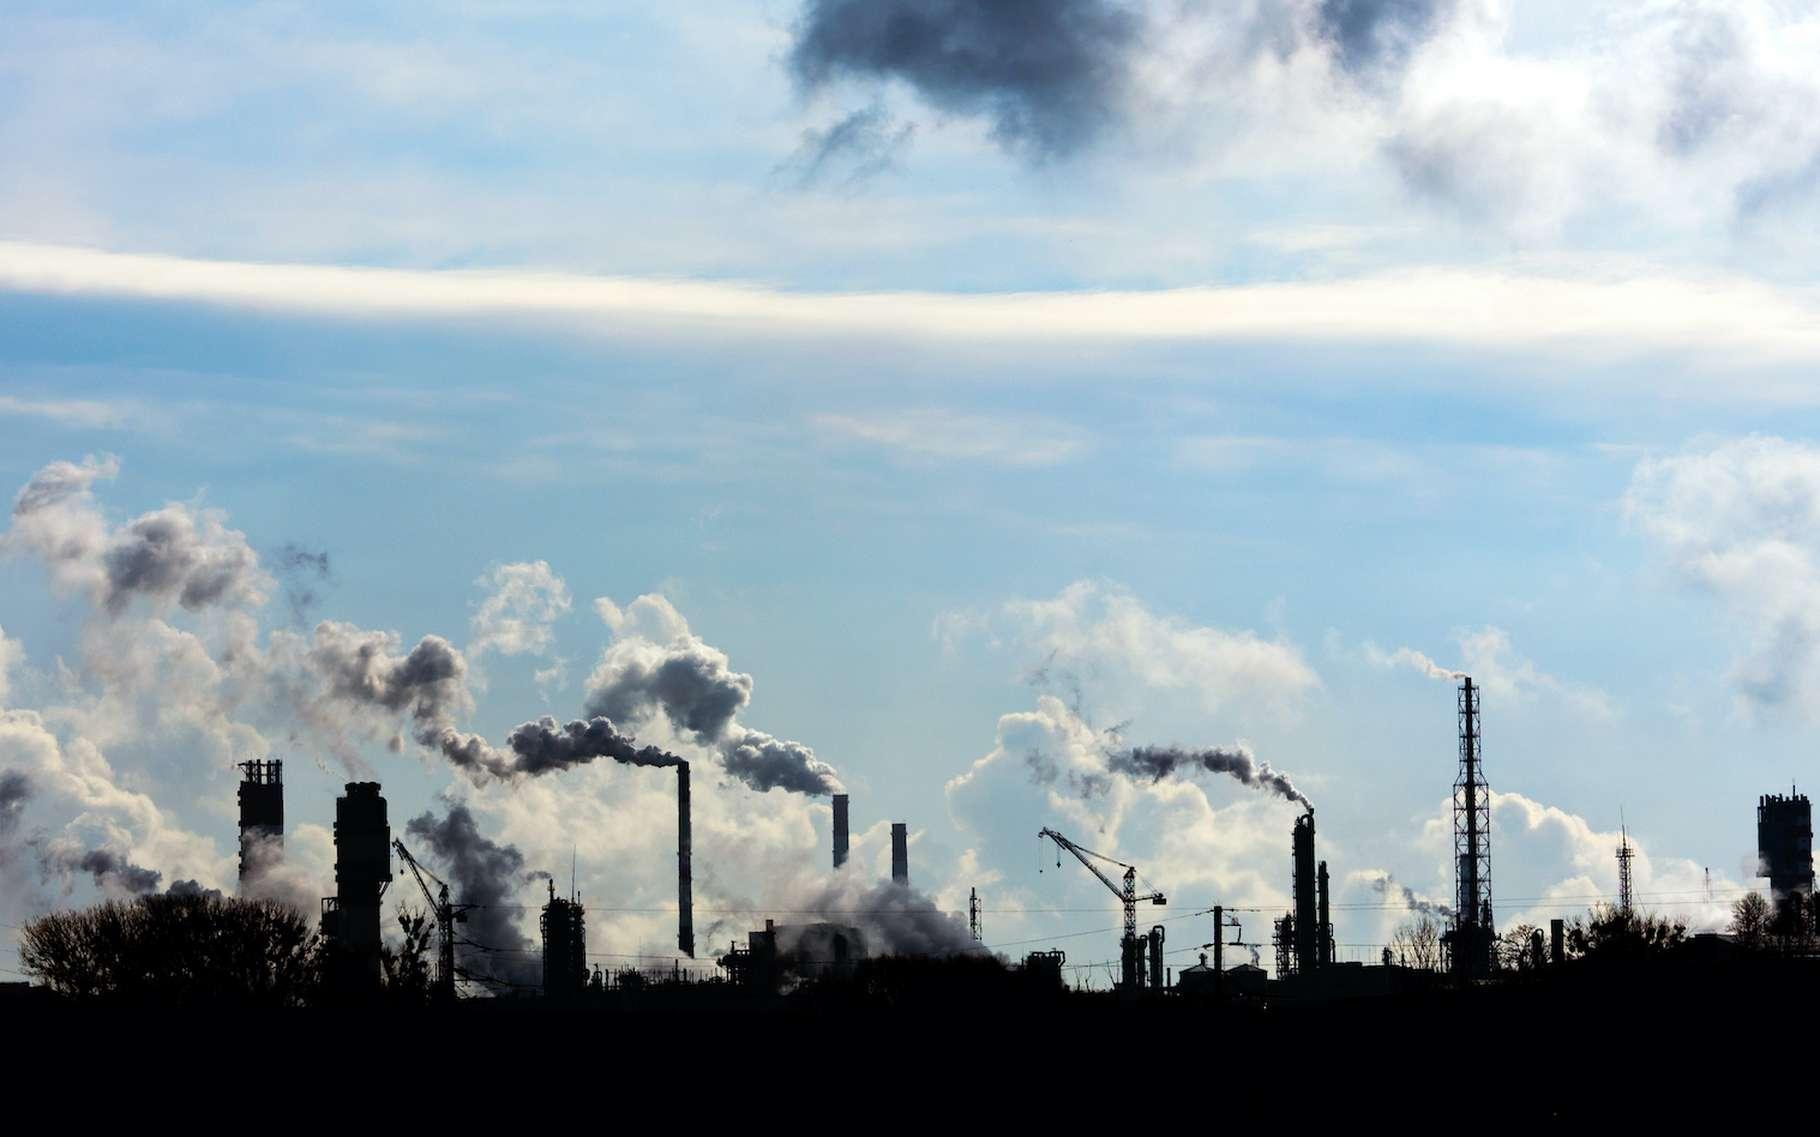 Au rythme où vont les choses, les émissions de CO2 nous mèneront à un réchauffement climatique compris entre +2,3 et +4,5 °C. © Vital, Adobe Stock